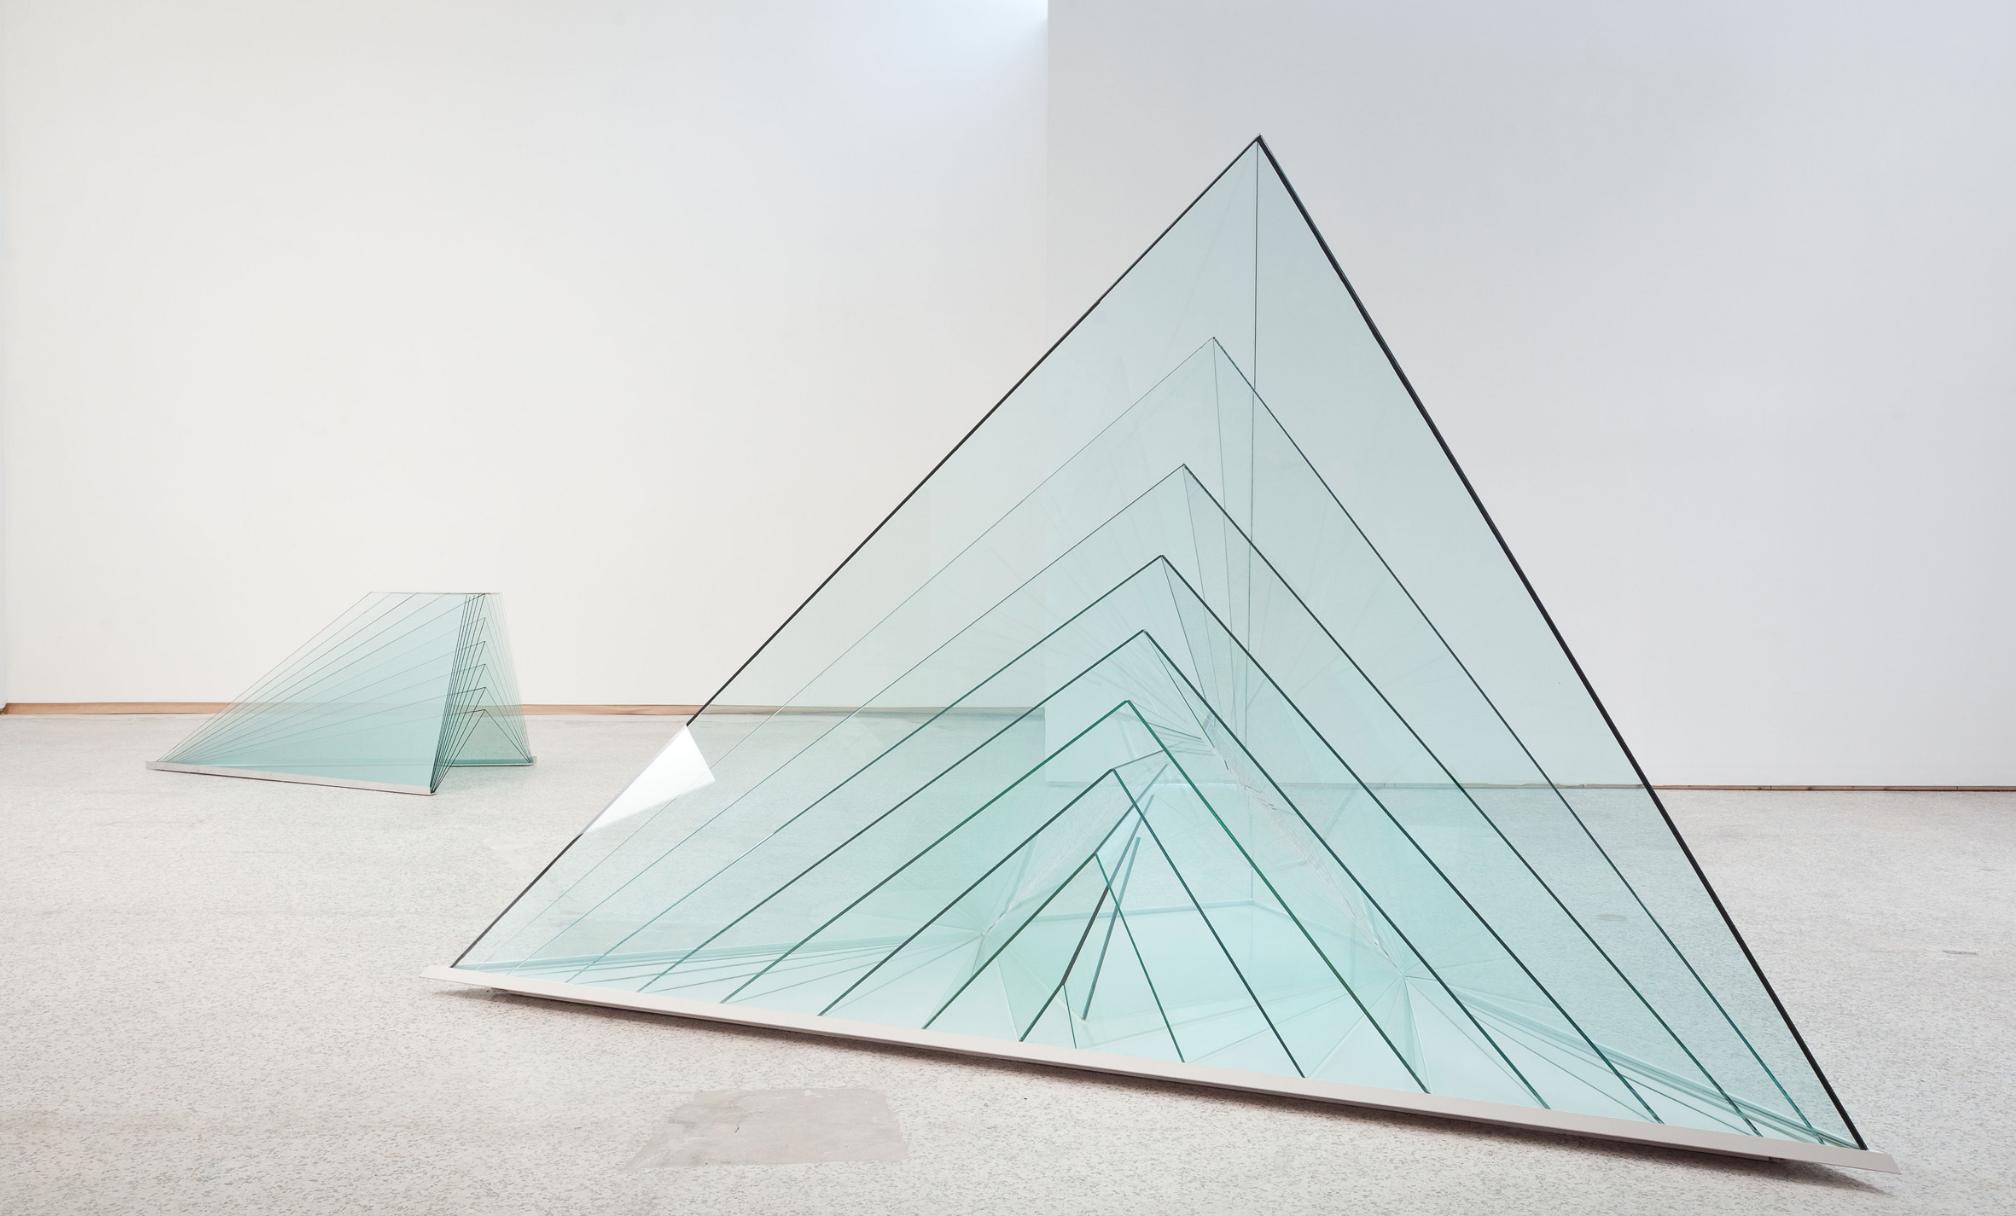 Brookhart Jonquil at Emerson Dorsch Gallery